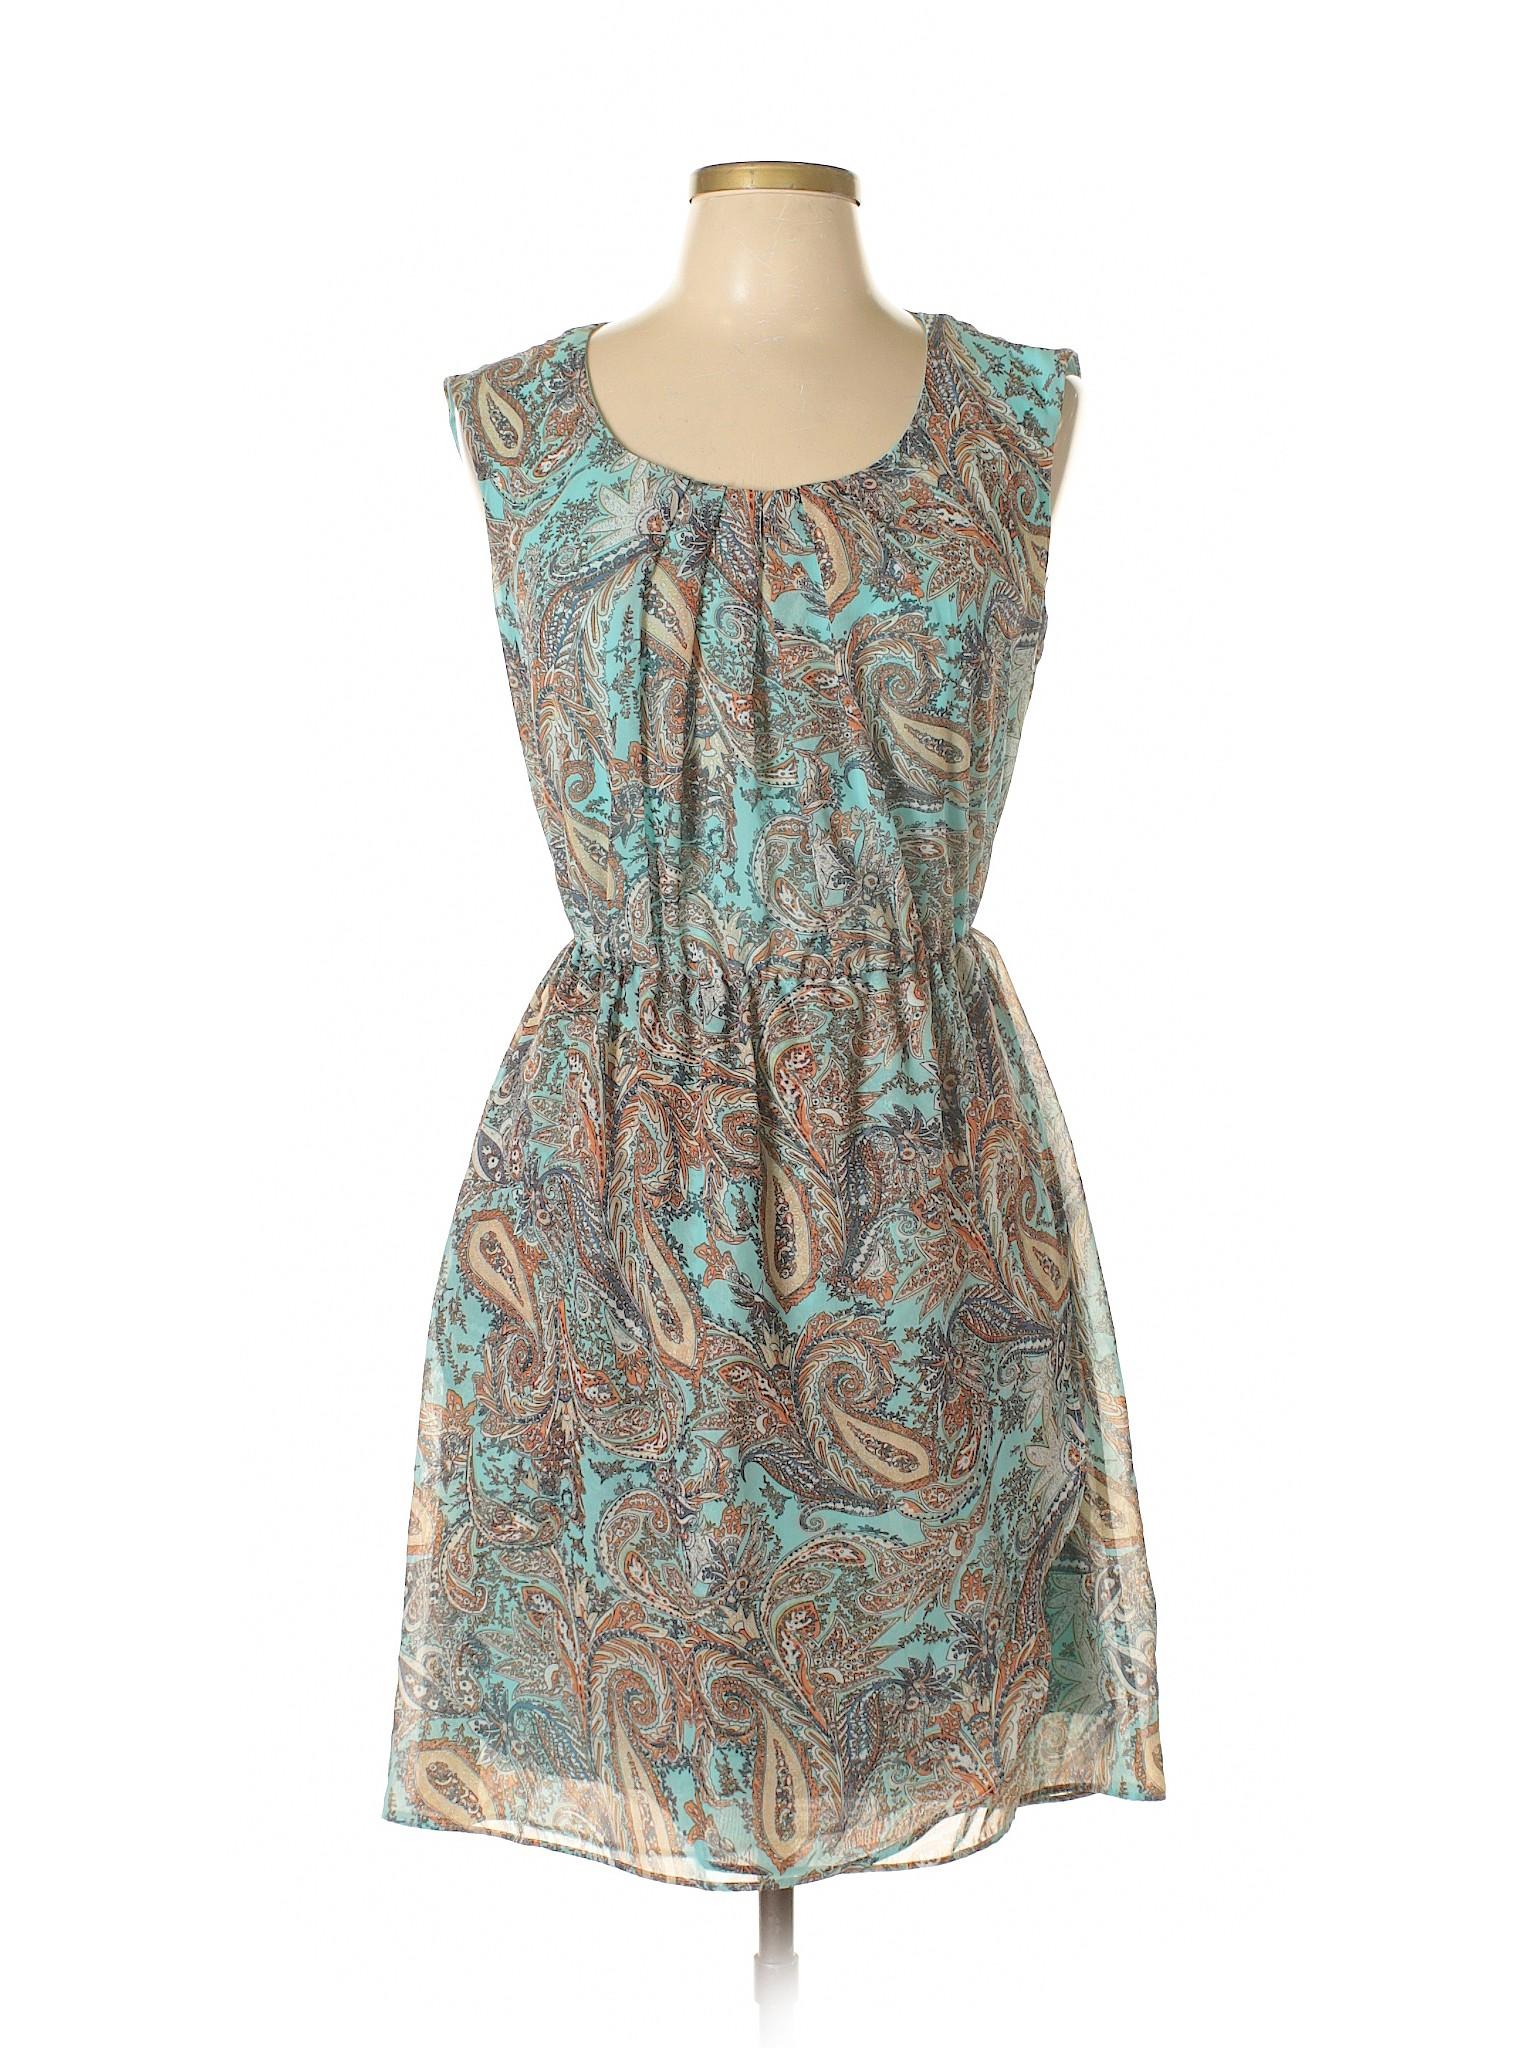 Selling DressBarn Selling DressBarn Casual Dress qYzdnPxnH